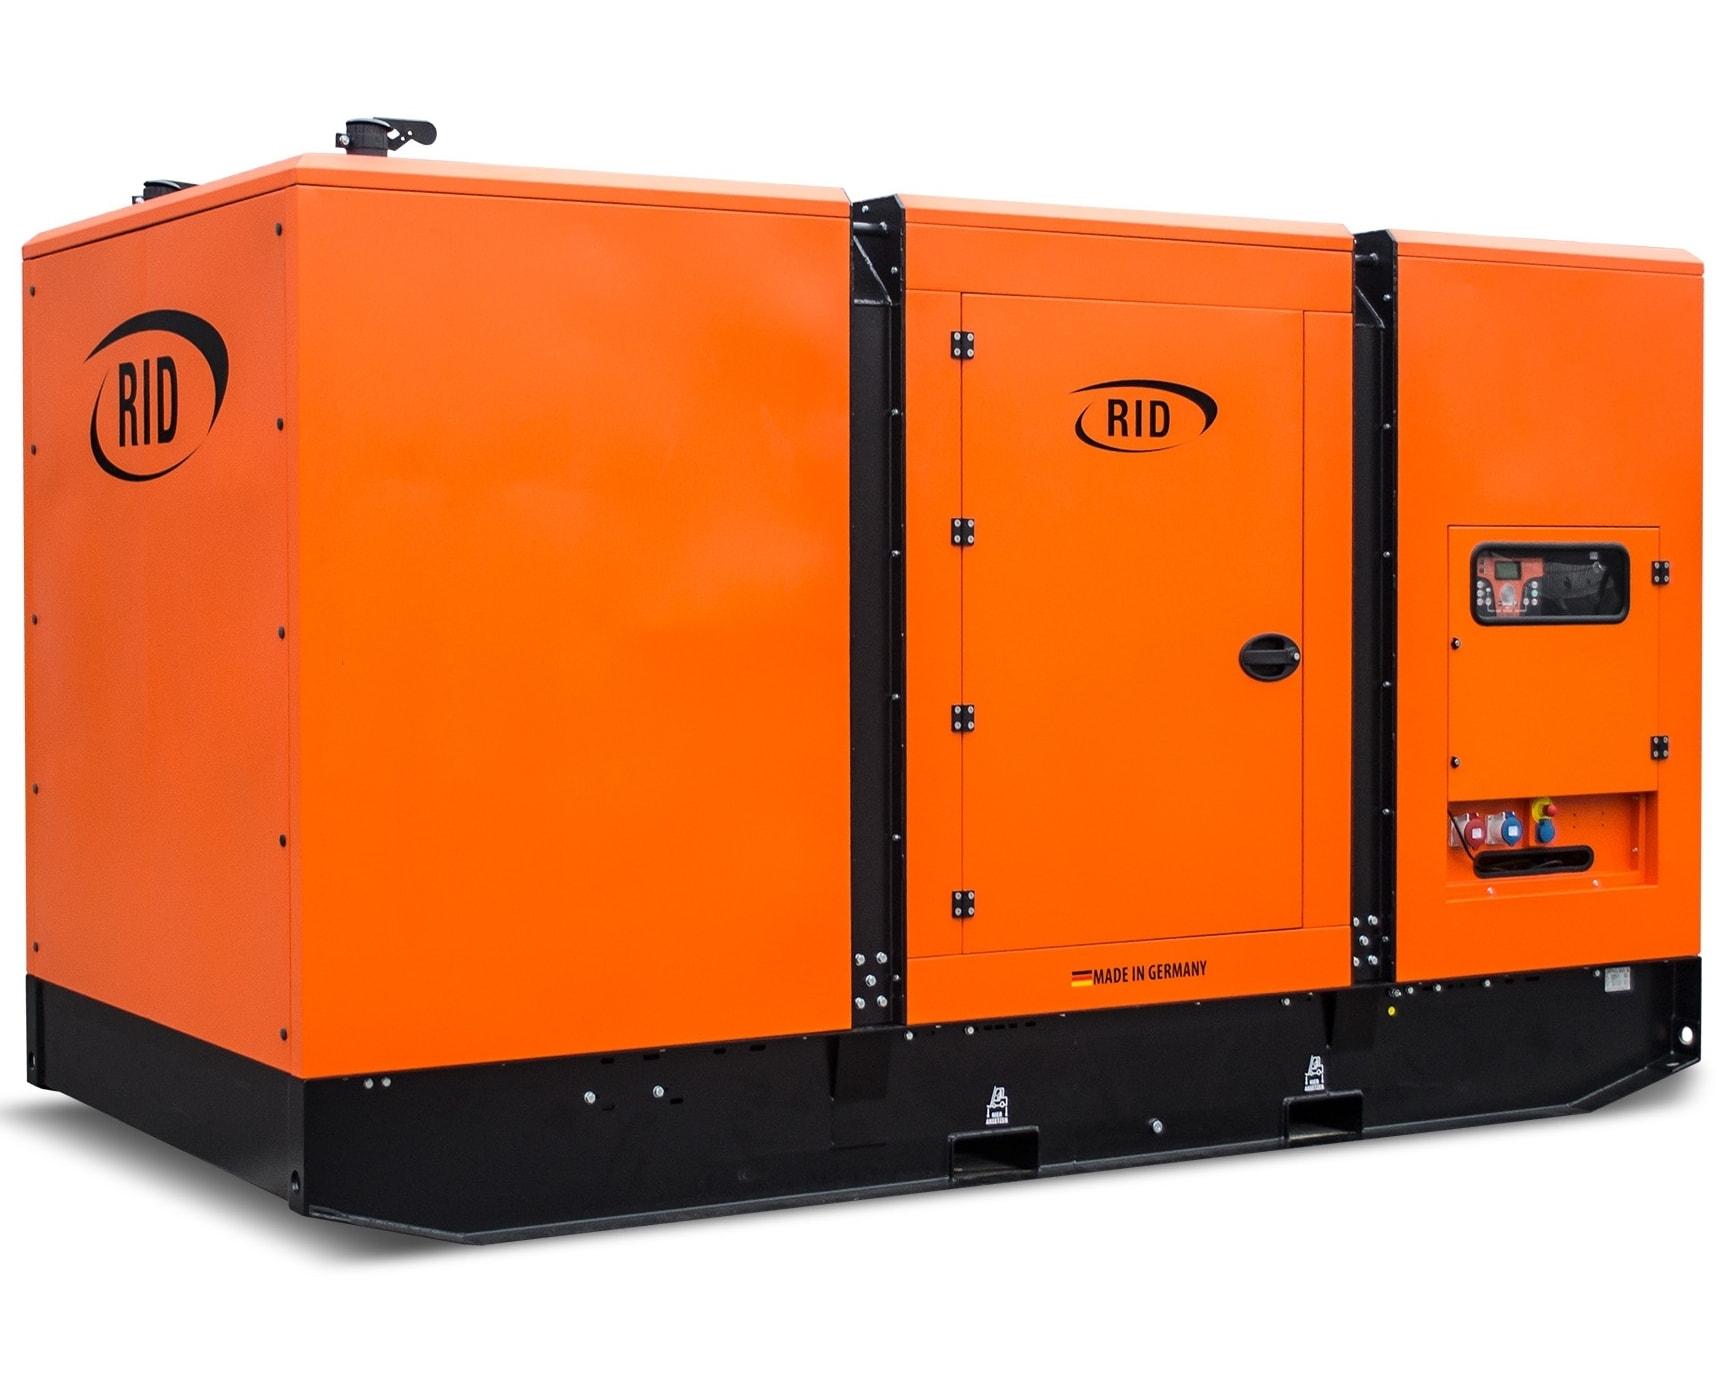 дизельная электростанция rid 500 b-series s